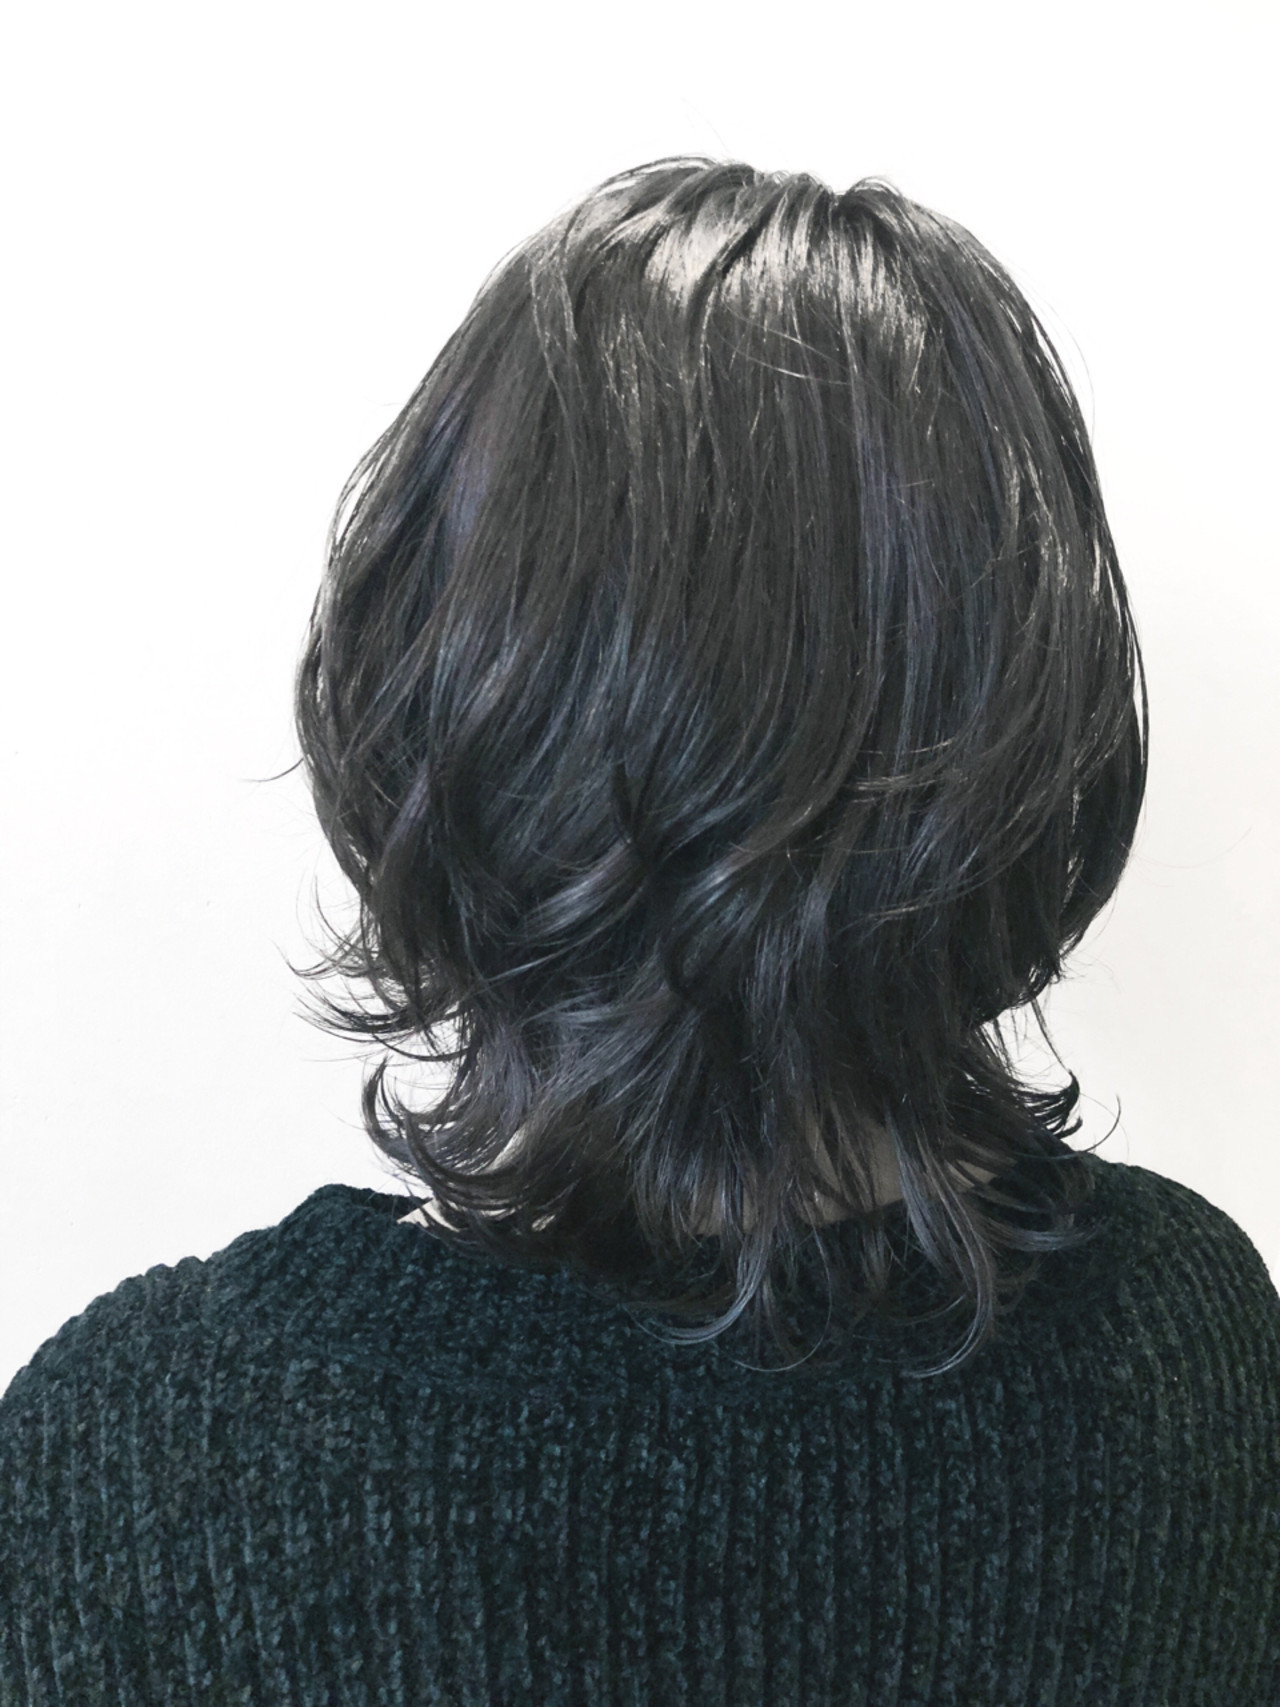 ツヤ感が美しいブルーブラックヘア ニシダ ヒカリ